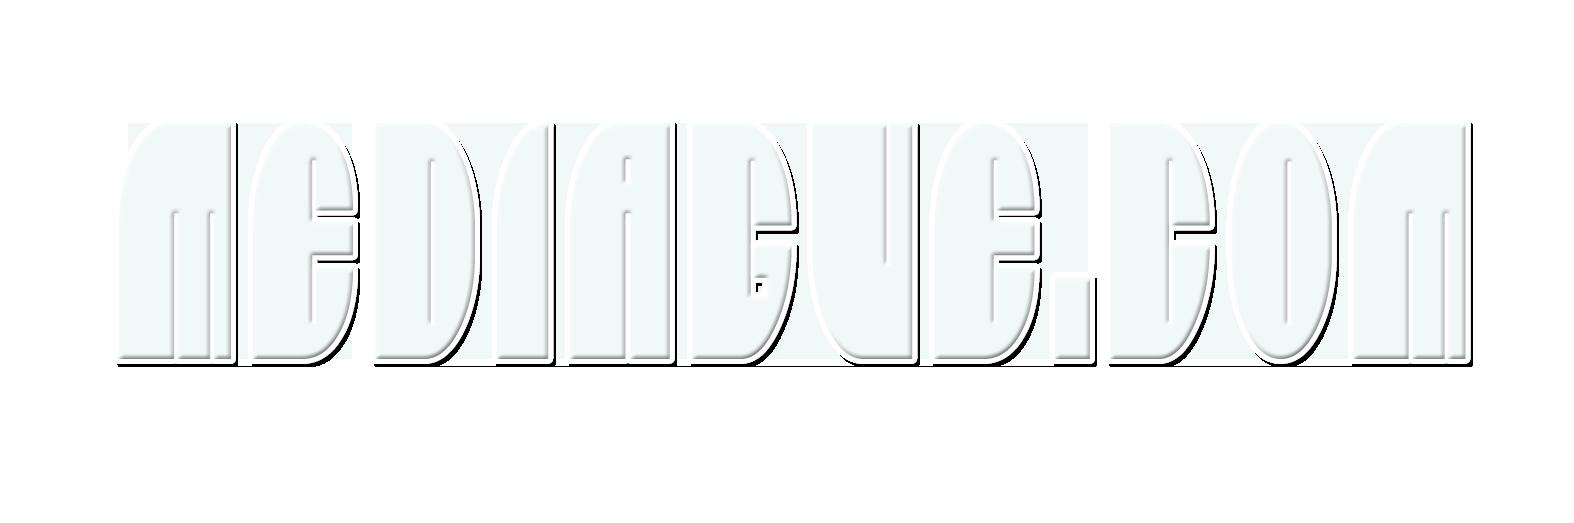 MEDIAGUE.COM